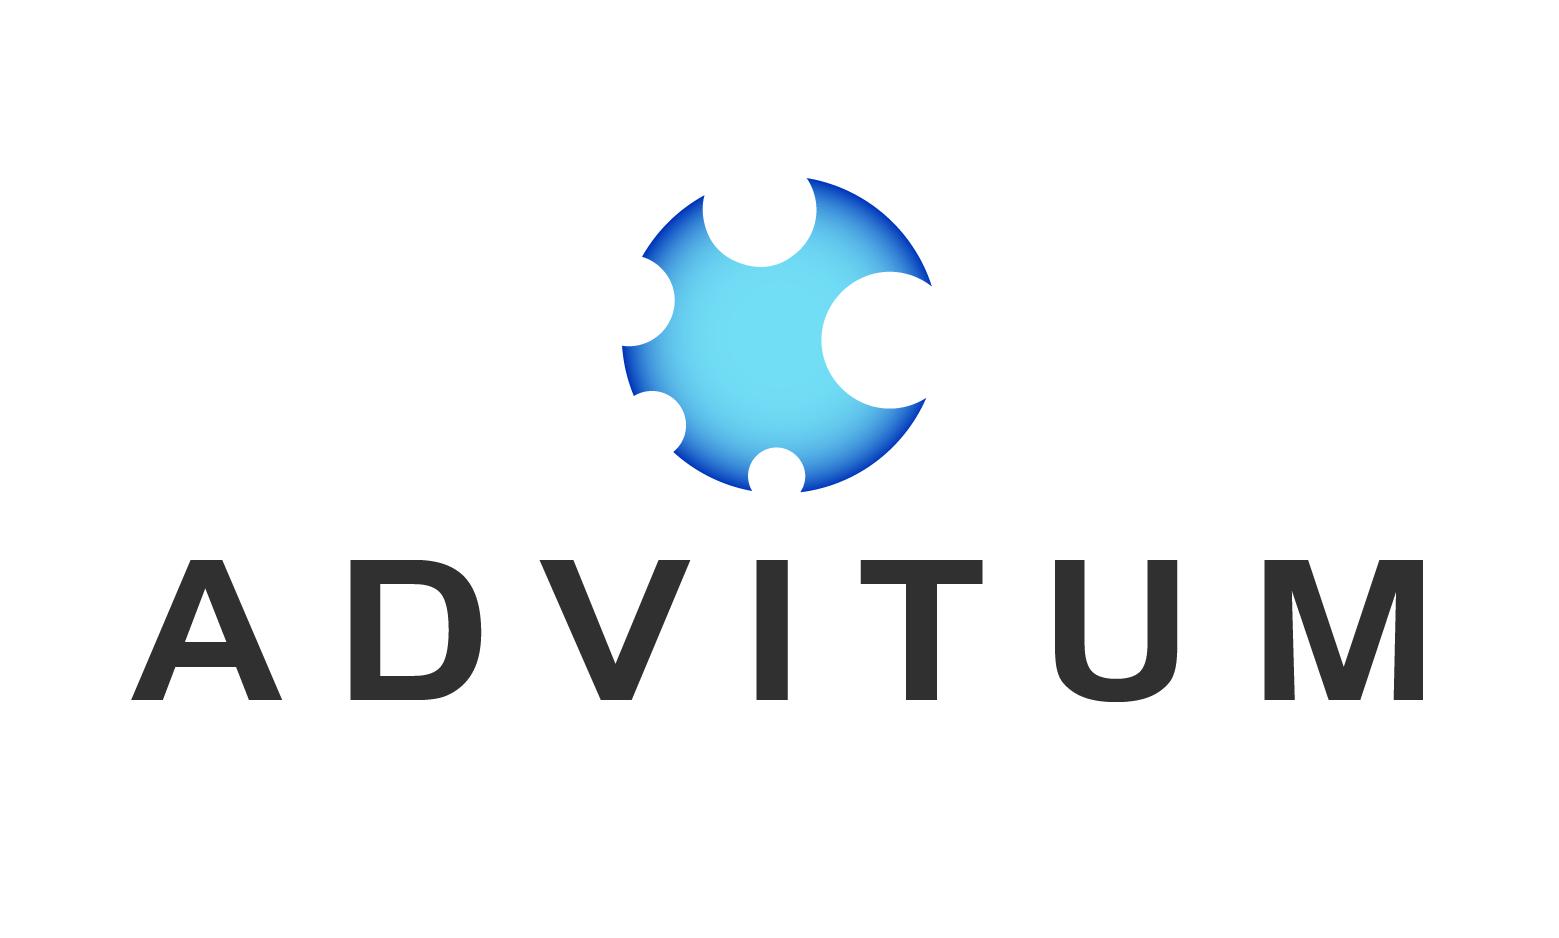 Advitum.com